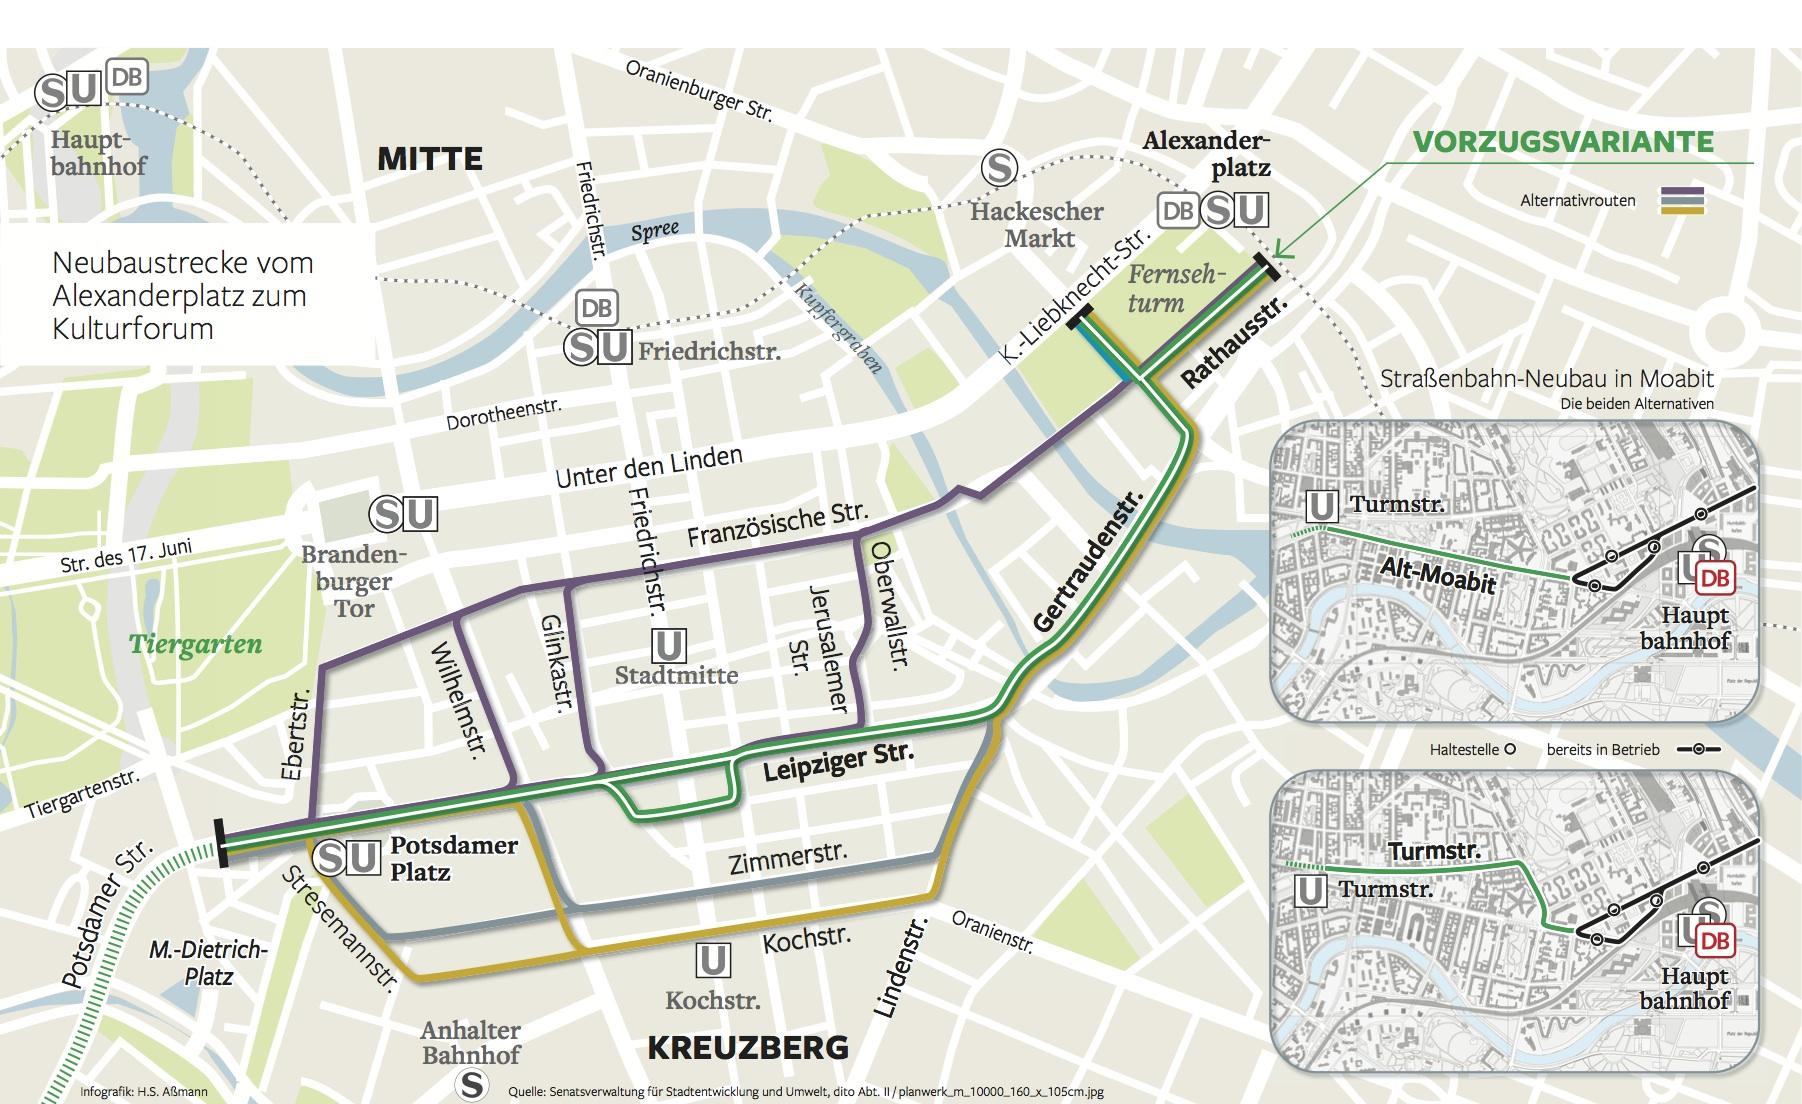 Regierungspräsidium Berlin